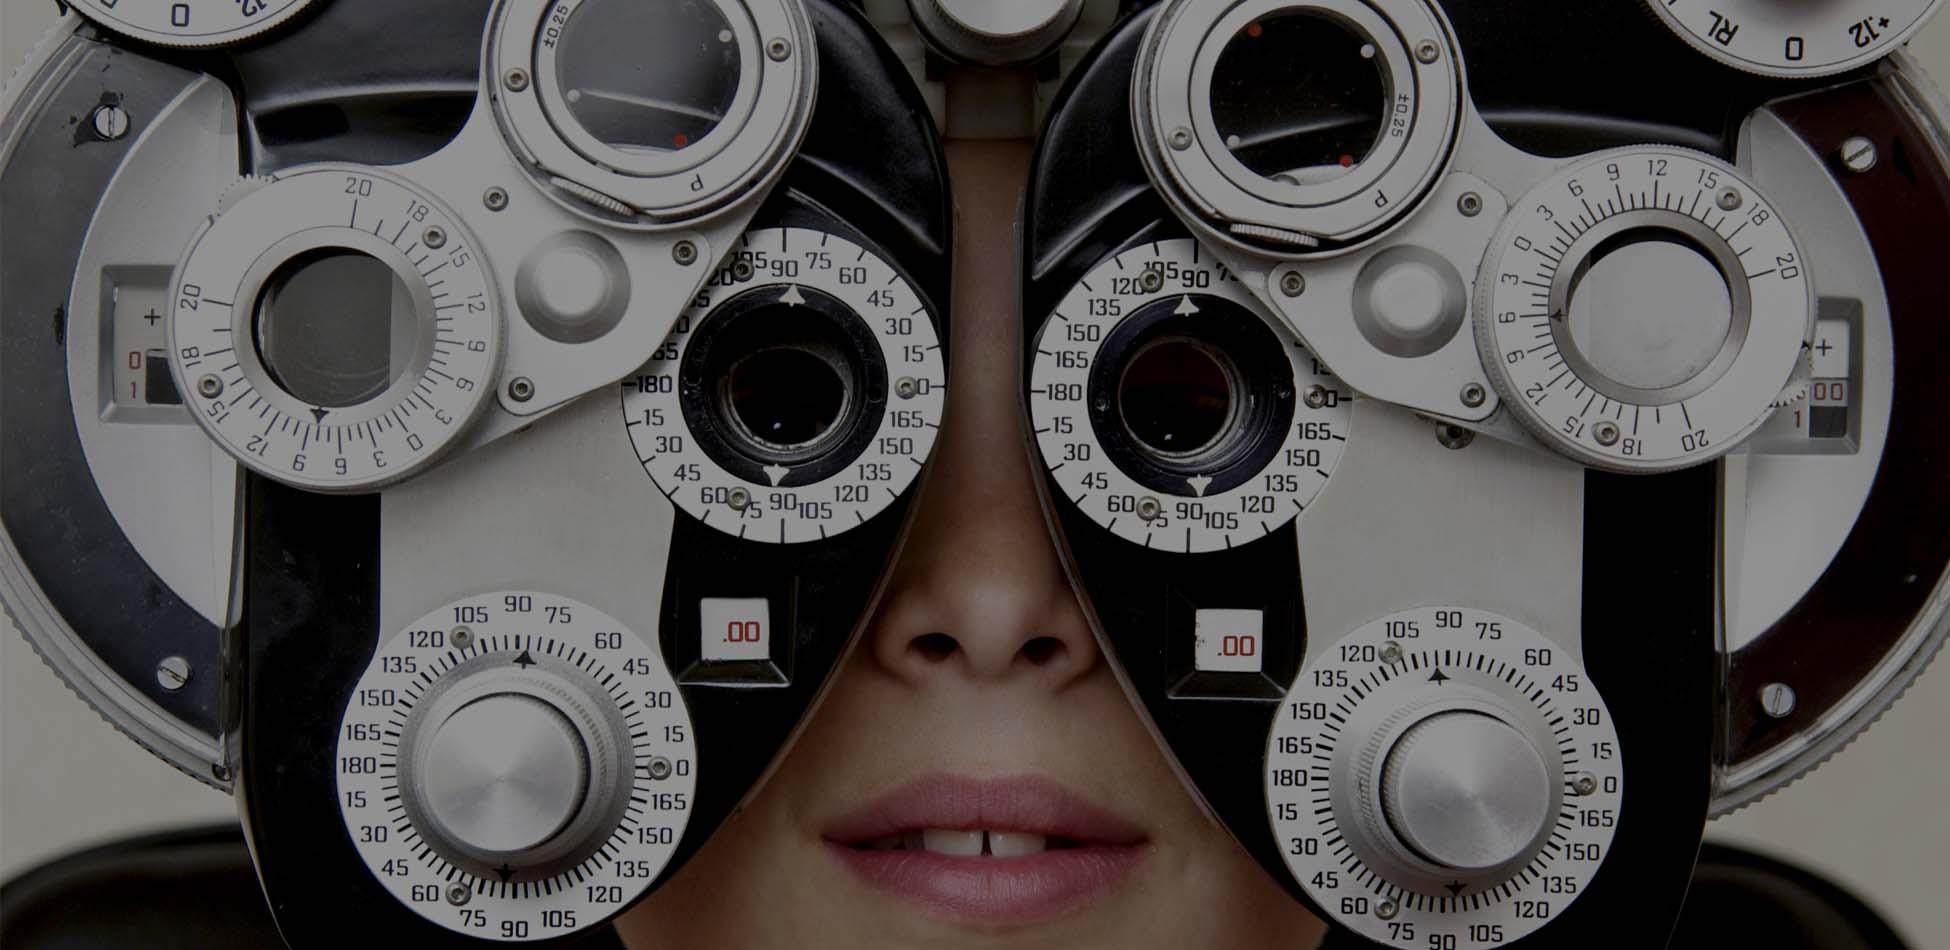 Pretoria Eye Institute